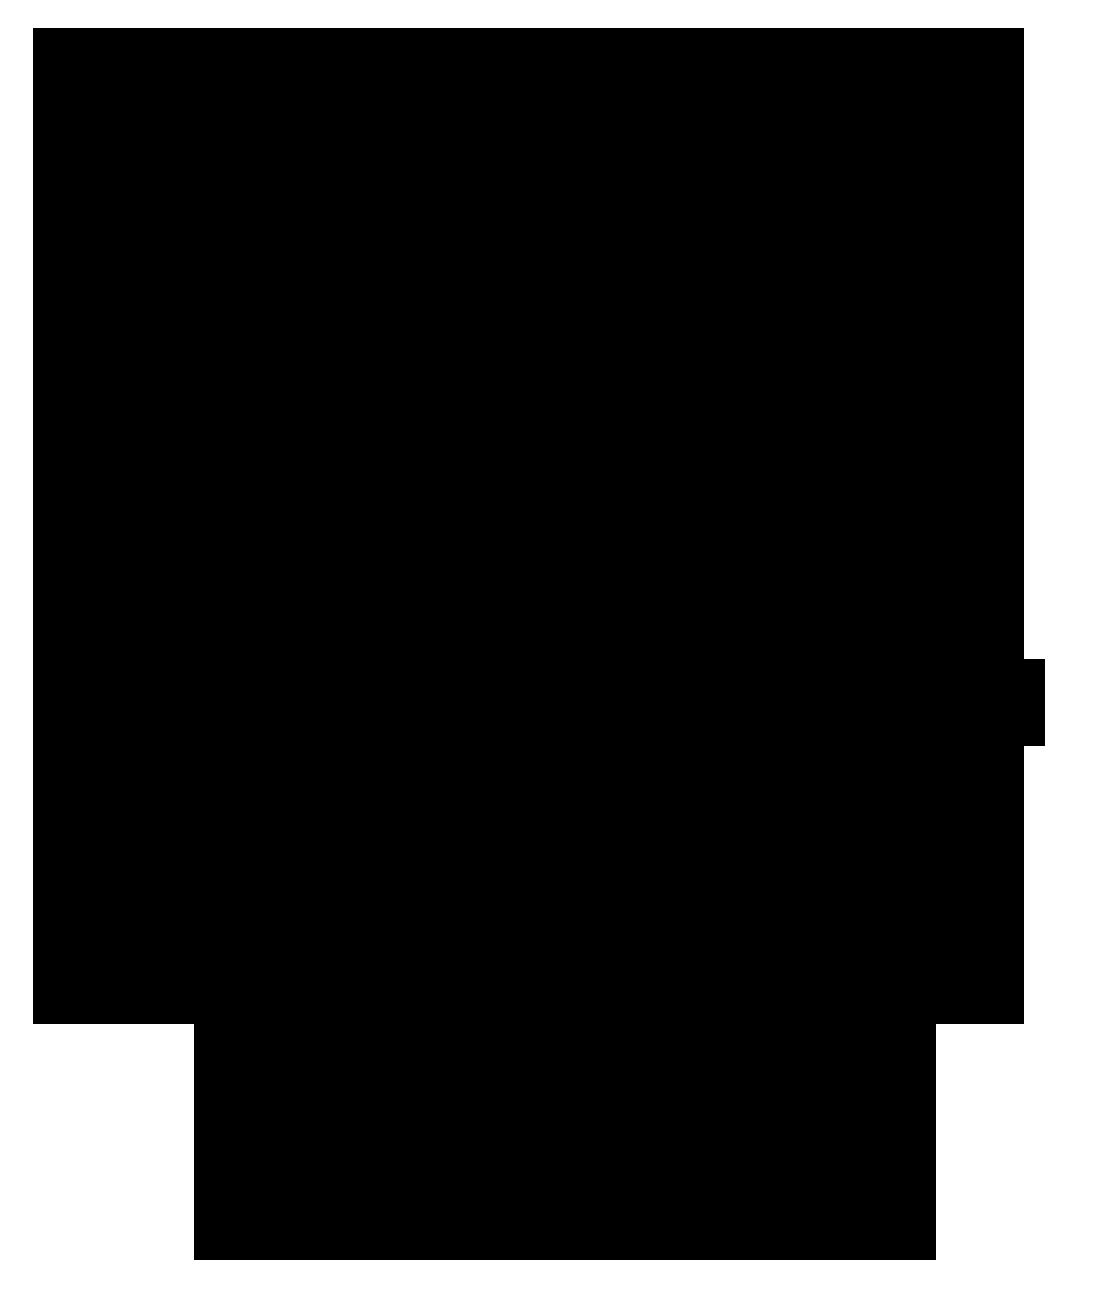 logo-black-edited.png